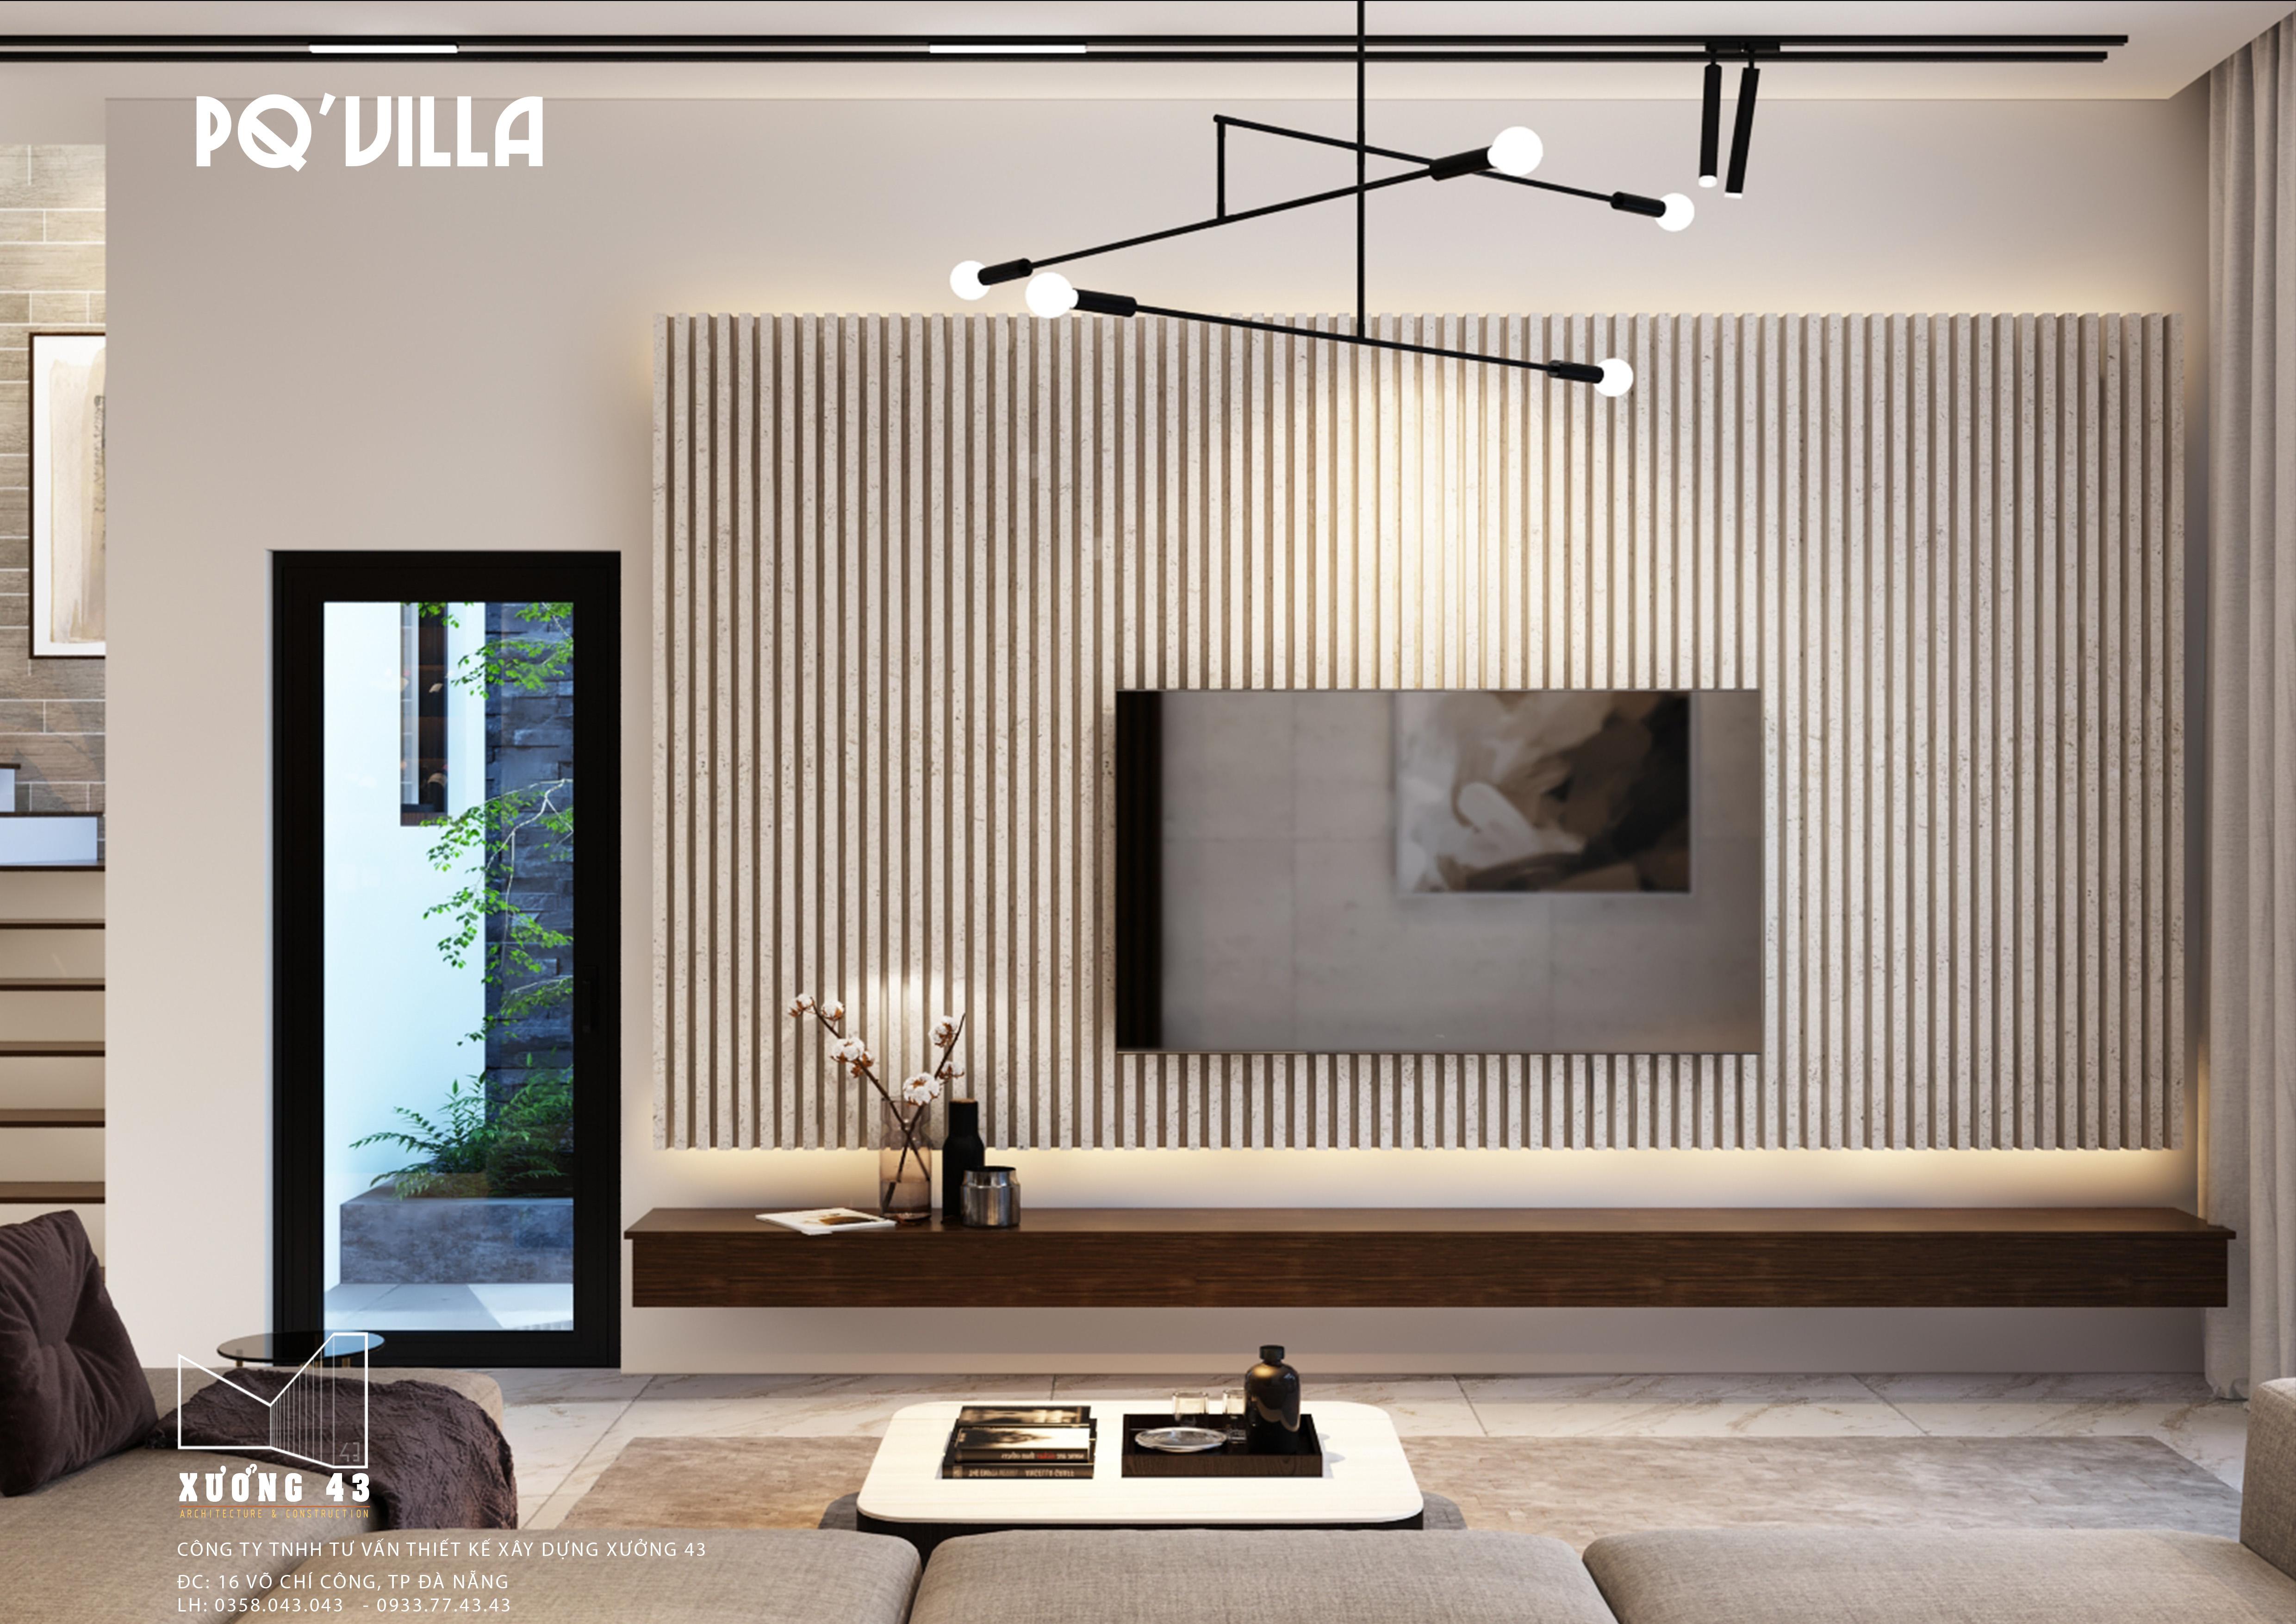 thiết kế Nhà tại Đà Nẵng PQ Villa 5 1571286144